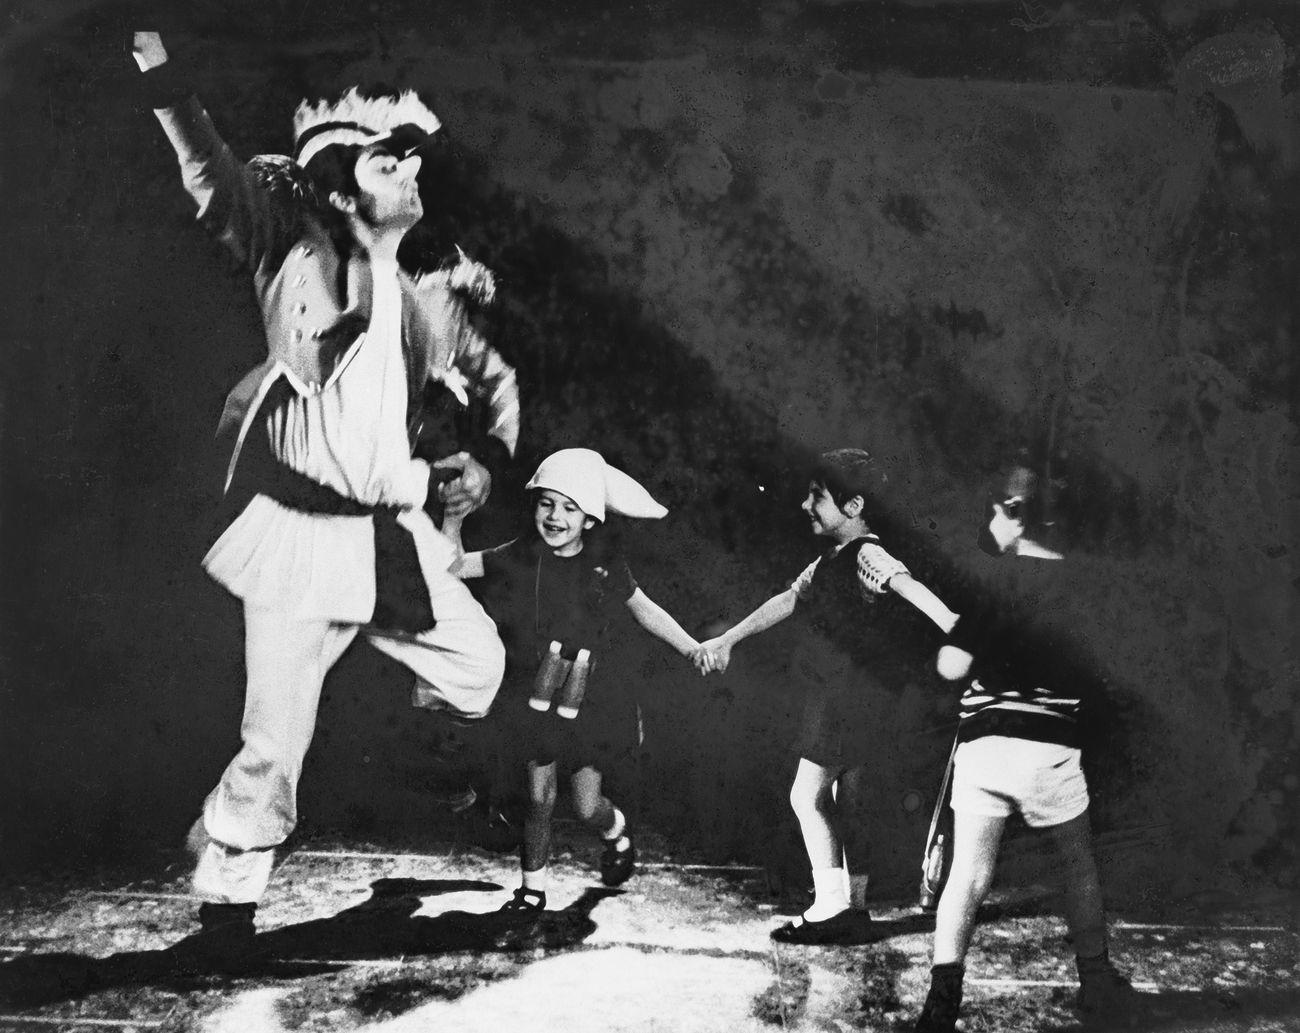 Pascali Pazzariello (Carosello Cirio), 1965. Courtesy Fondazione Pino Pascali, Polignano a Mare